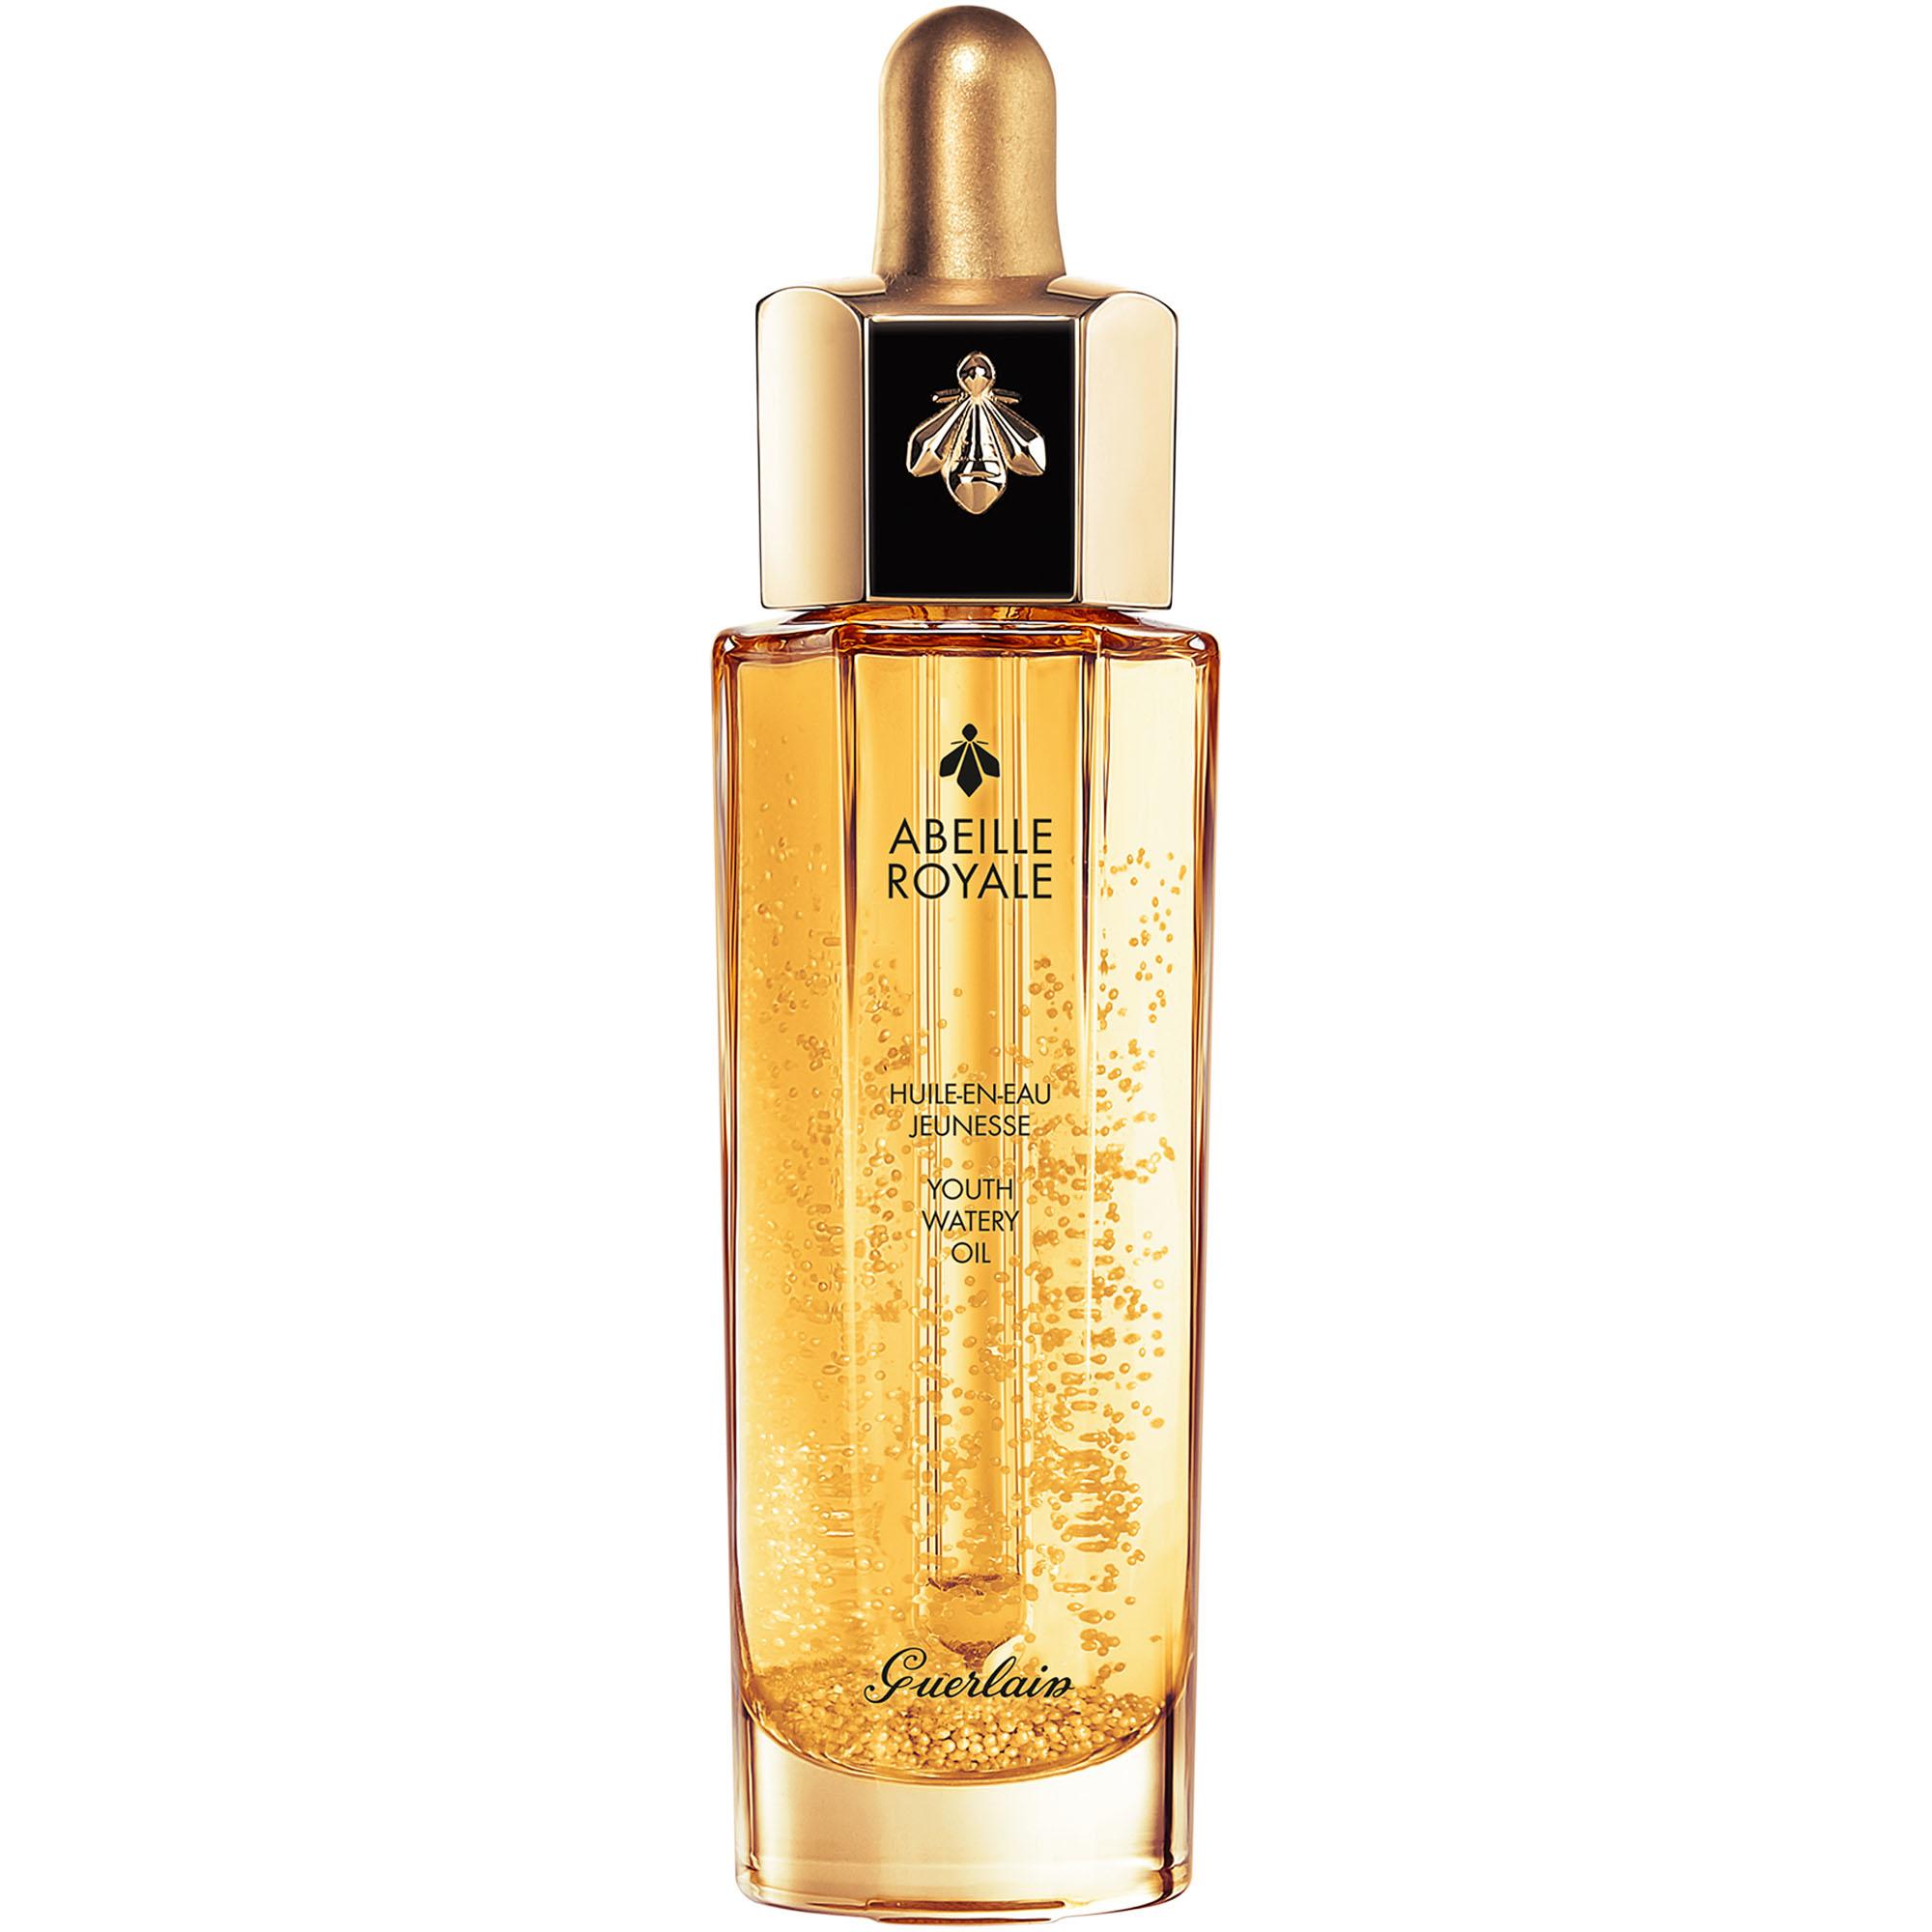 嬌蘭 Guerlain 皇家蜂王乳平衡油 50ml 小金瓶 週年慶必買 經典名品